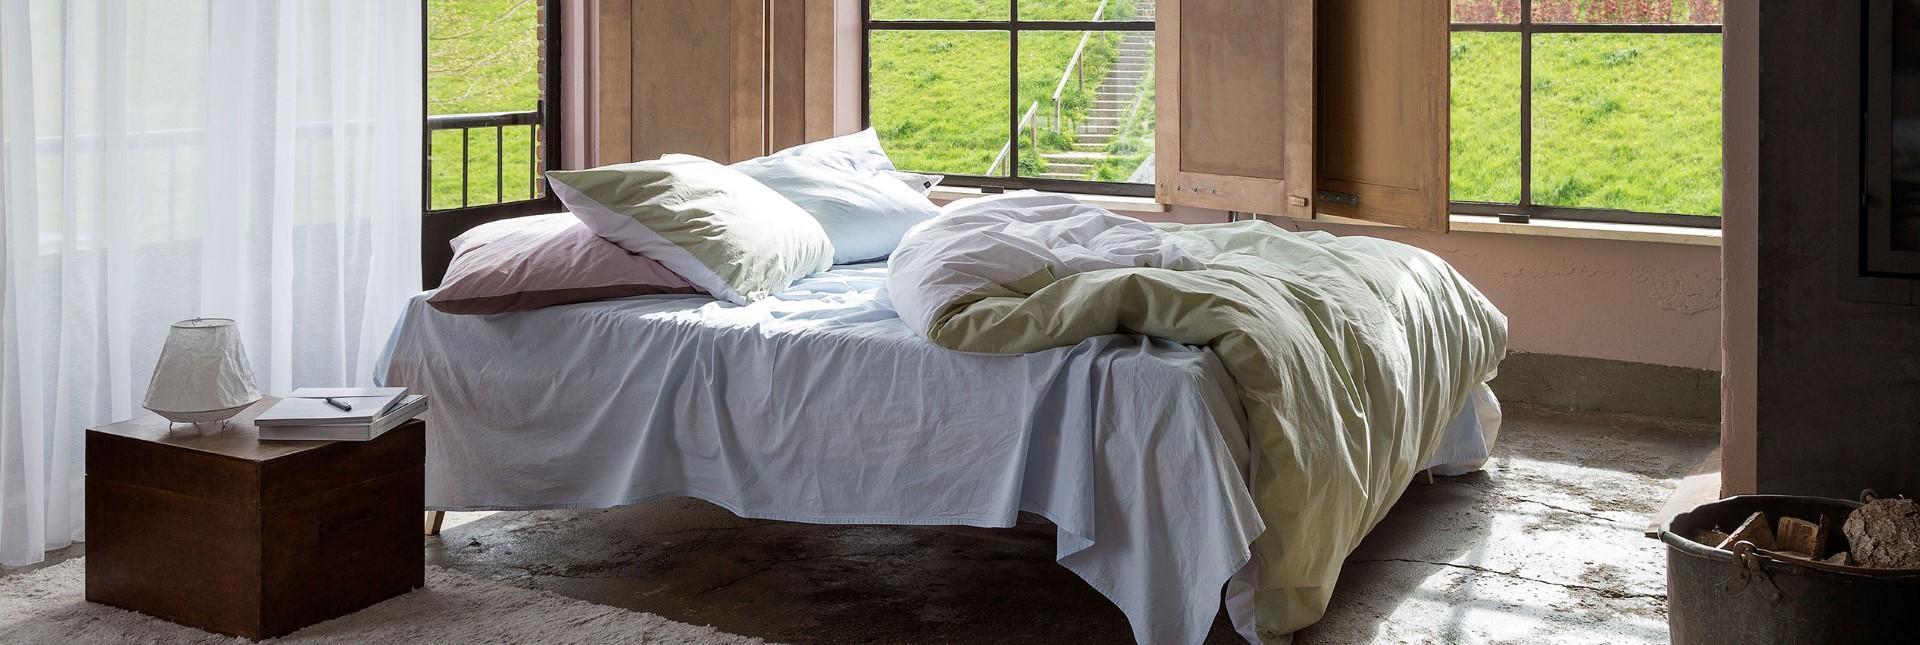 Rls Schlaftipp Nr 20 Fenster Zu Im Winter Schlaftipps Schlafen Leinenweberei Chur Schlafzentrum Und Liegezentrum